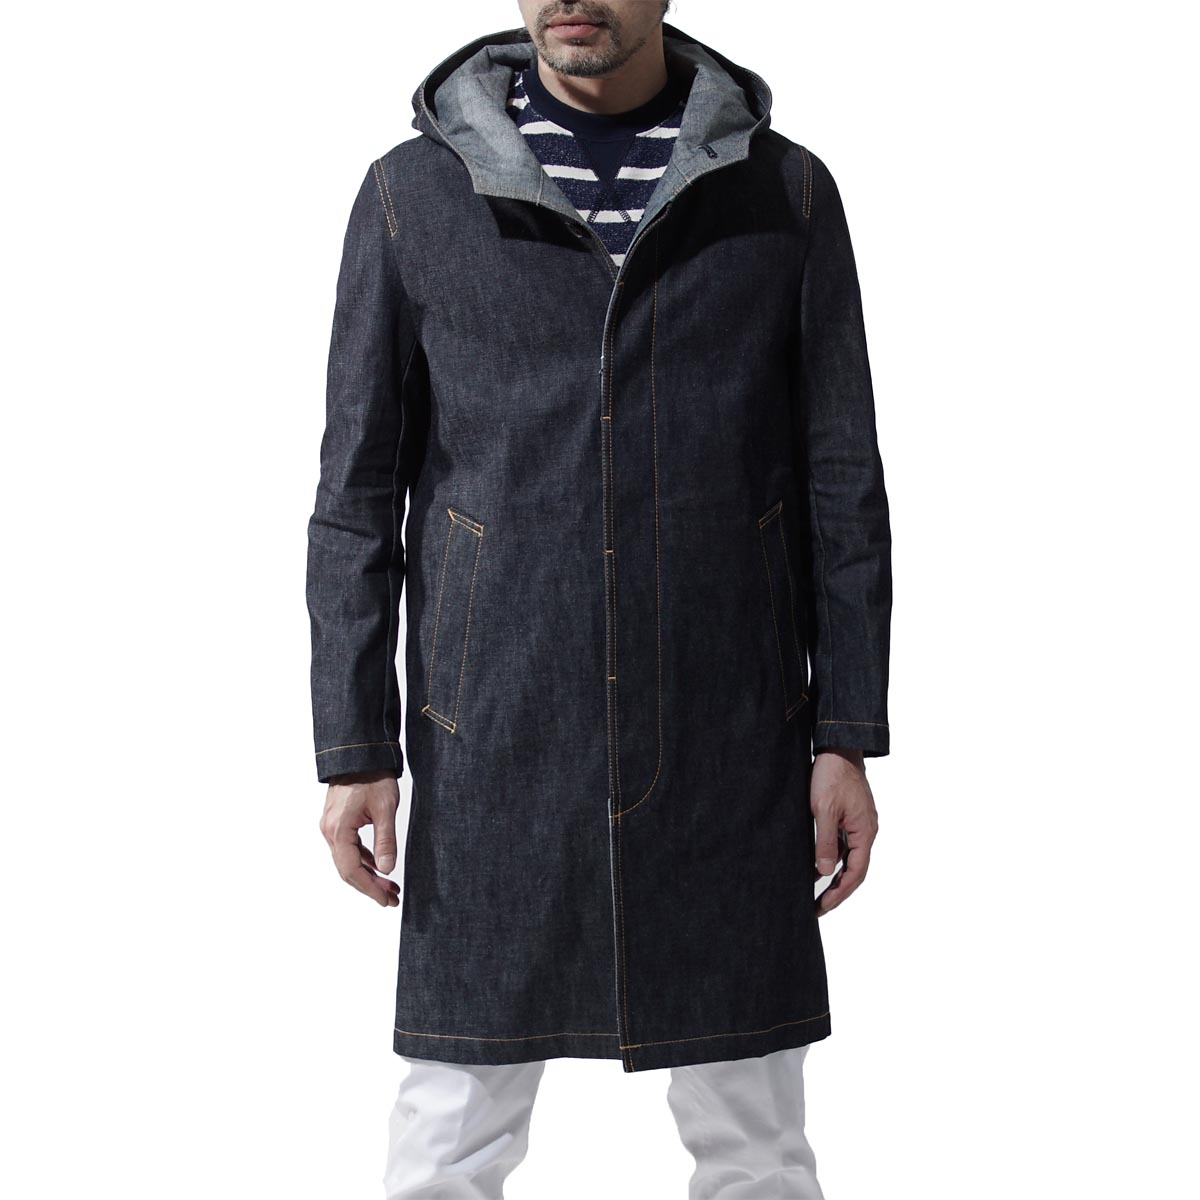 蘋果機MACKINTOSH粗斜紋布誰死亡大衣風衣GENTS D-MC007 7E16 REF:TPP7881 INDIGORIGID藍色派d mc007 d01人